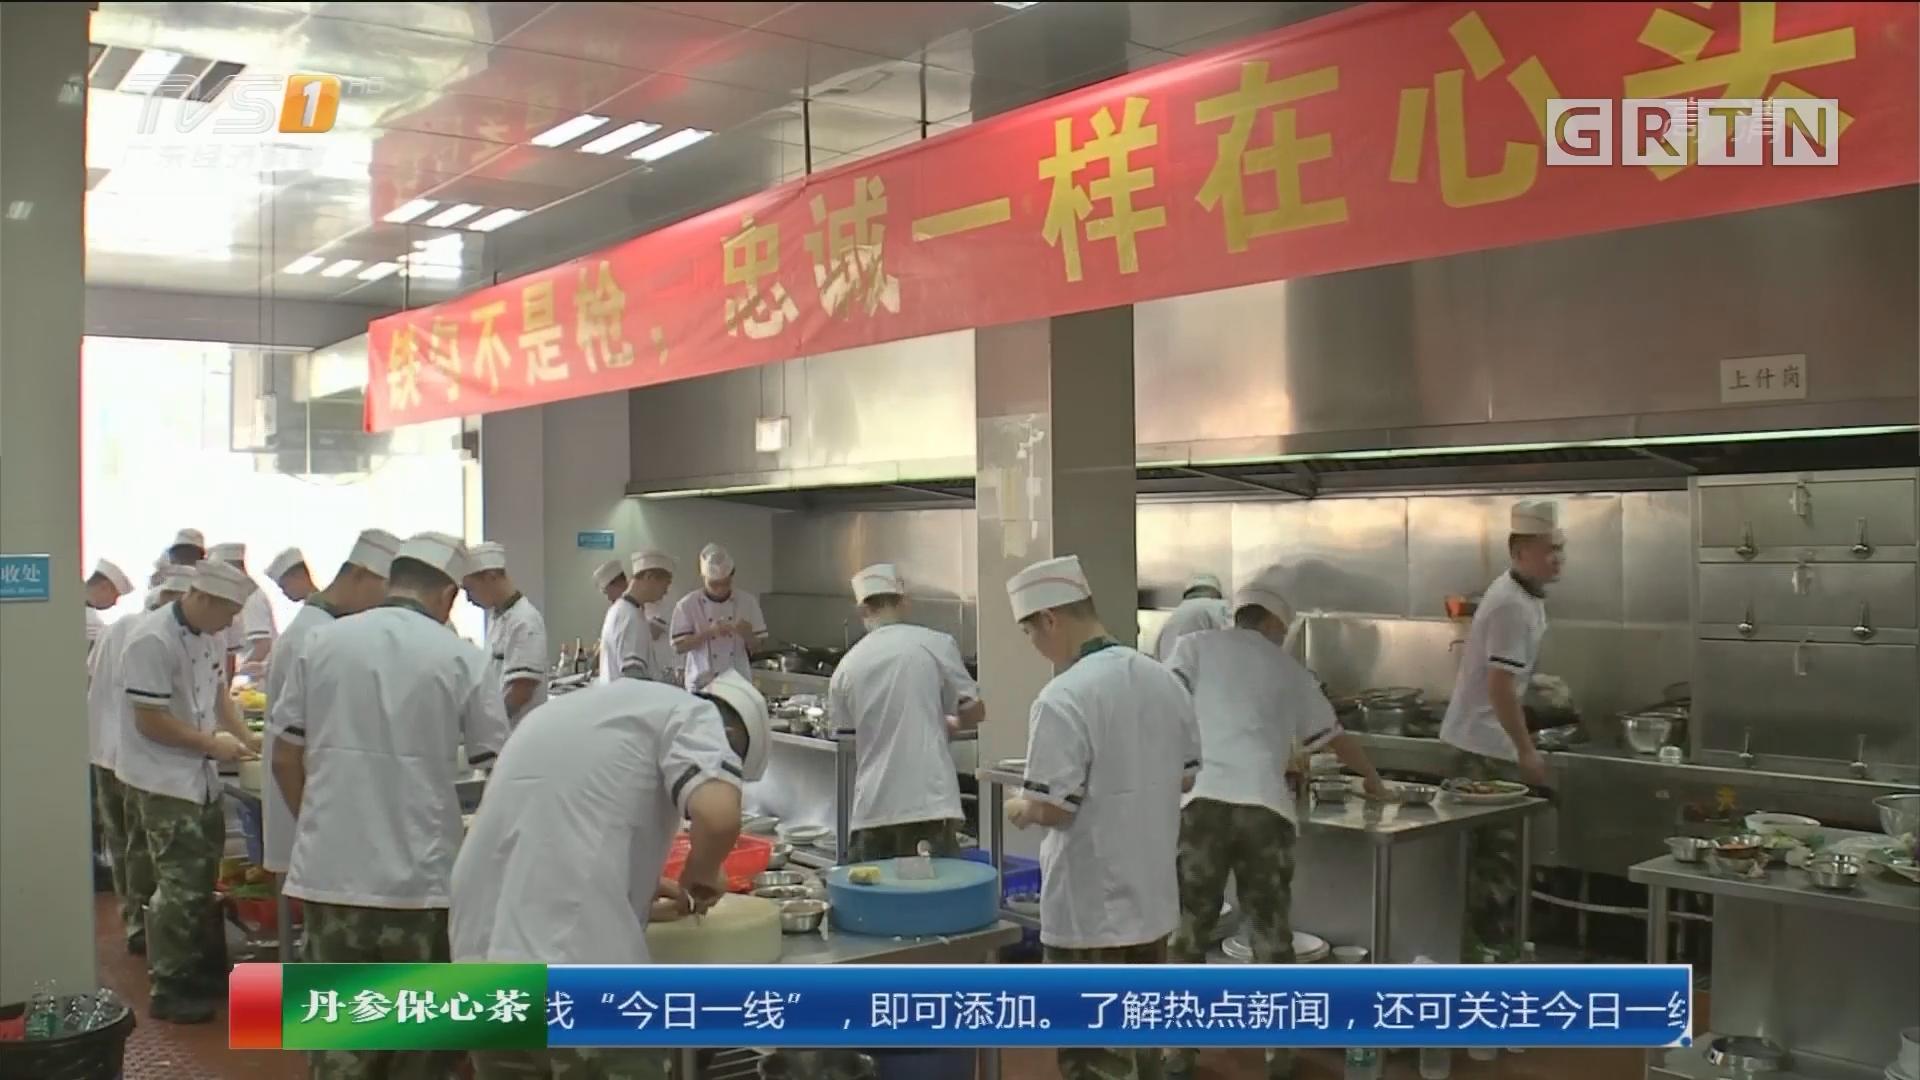 广州:海警大比武 不比枪法比拼厨艺